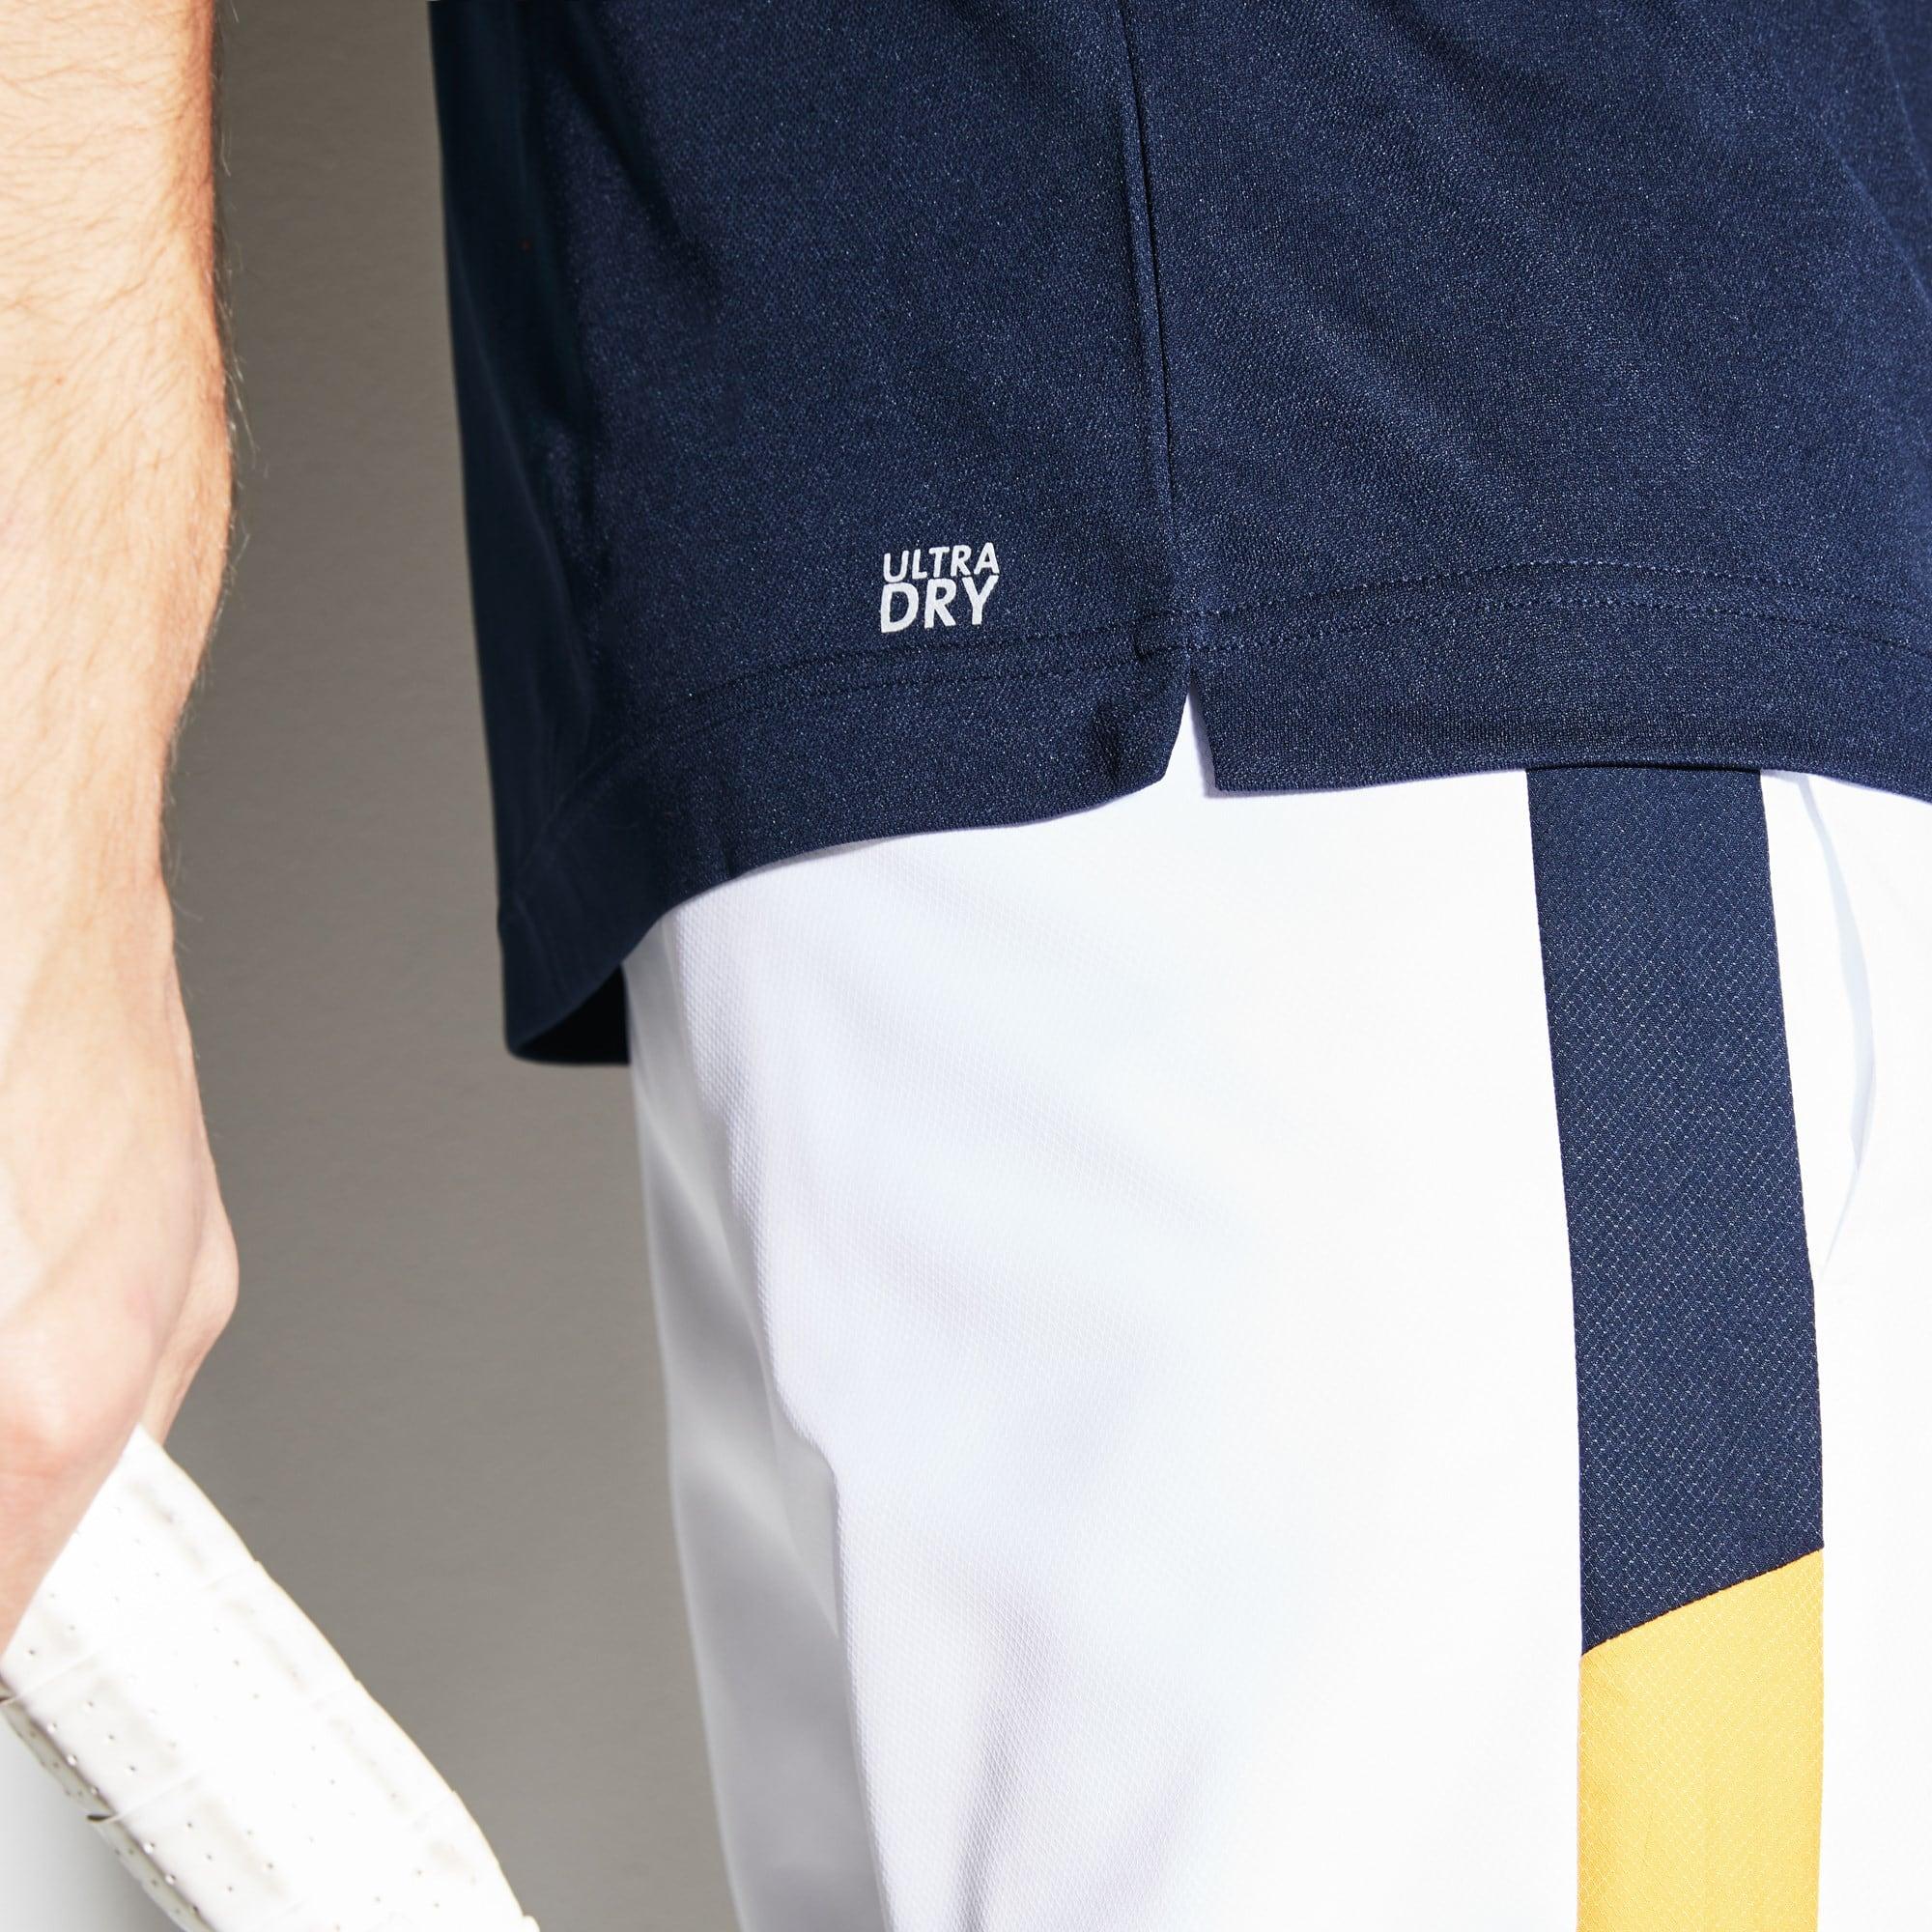 Lacoste - Herren LACOSTE SPORT Rundhals Tennis T-Shirt mit Colorblocks - 5